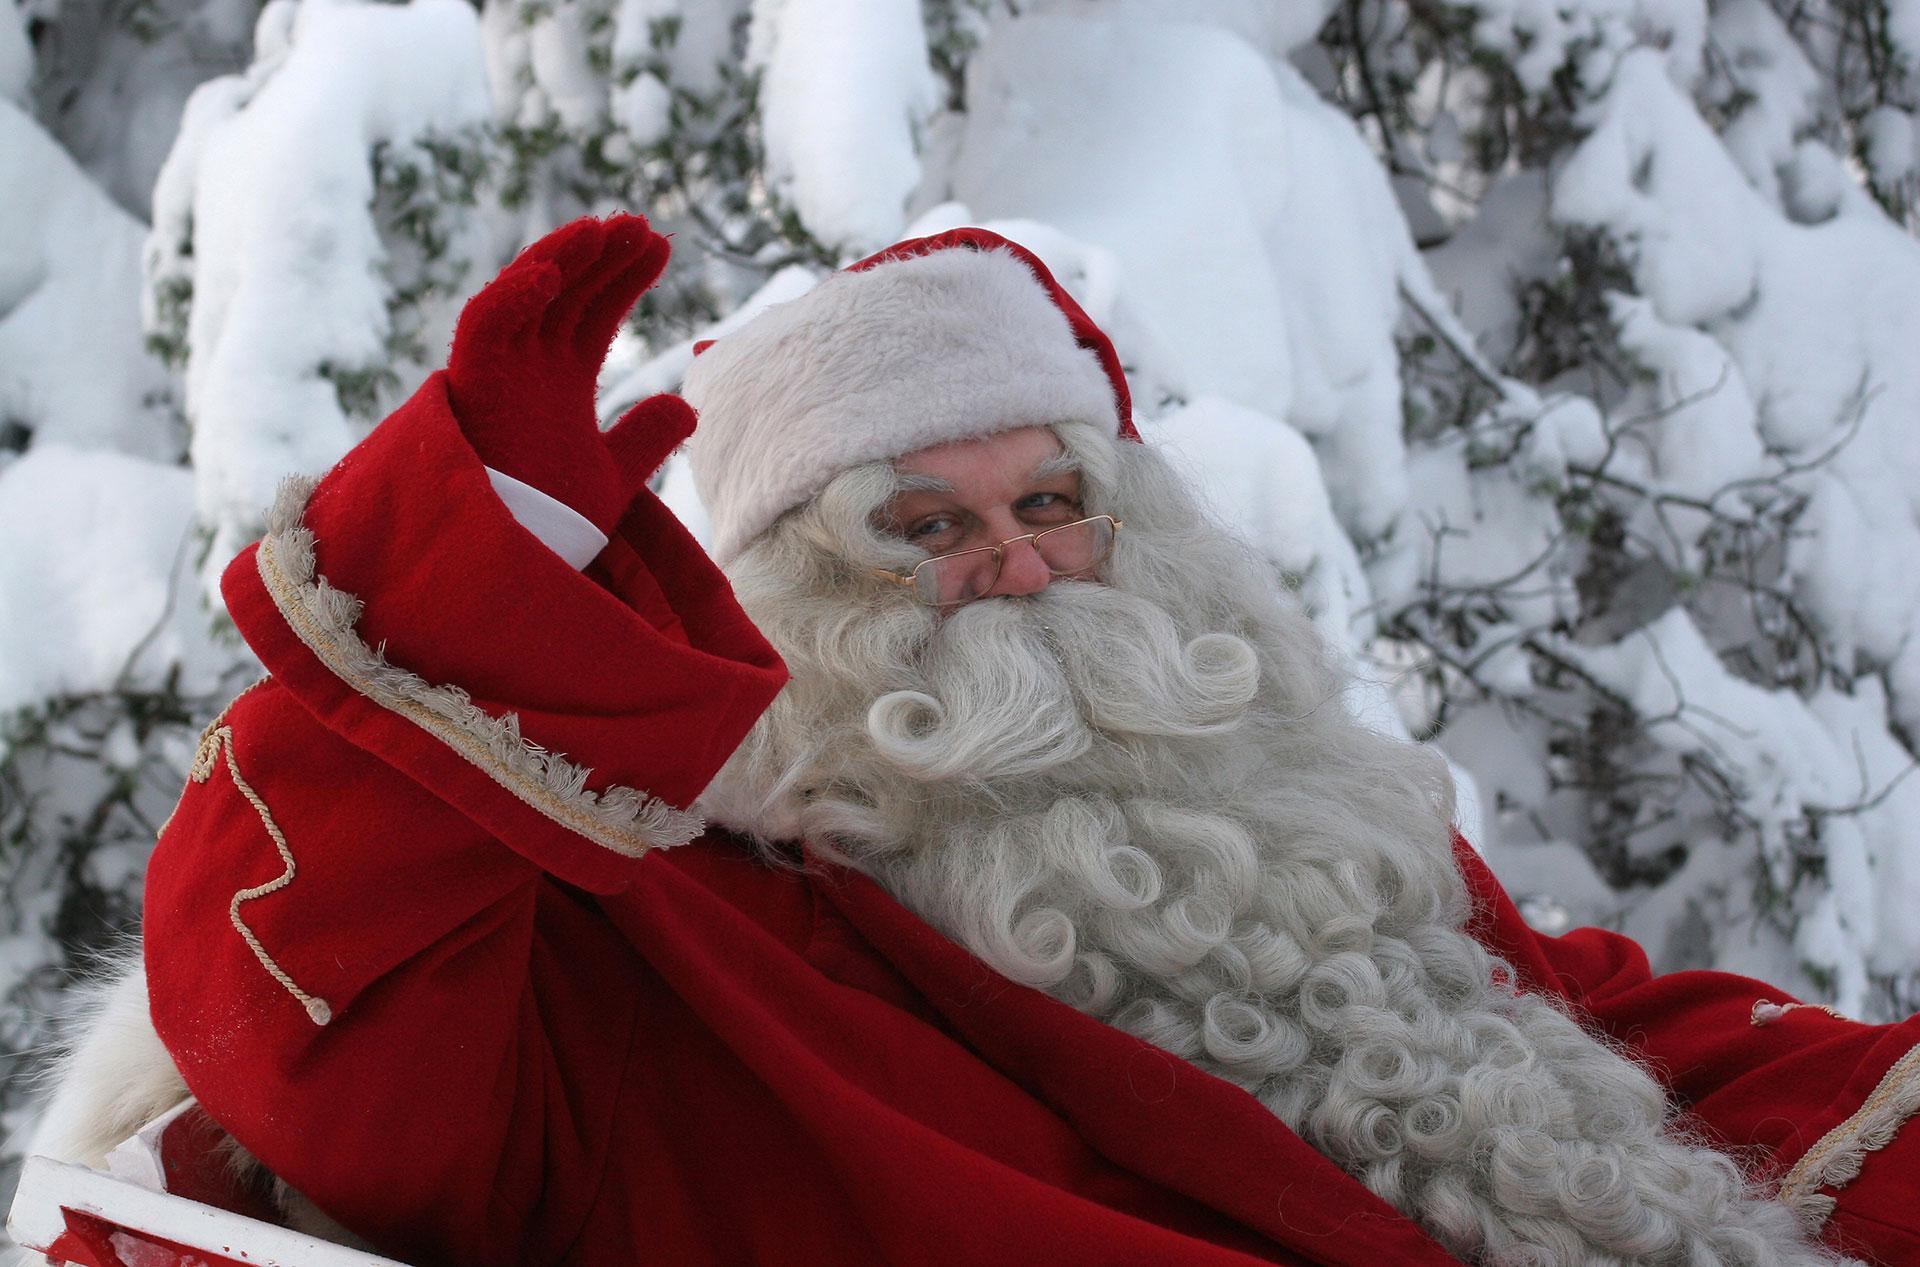 Storia Di San Nicola E Babbo Natale.Da San Nicola A Santa Claus La Vera Storia Di Babbo Natale